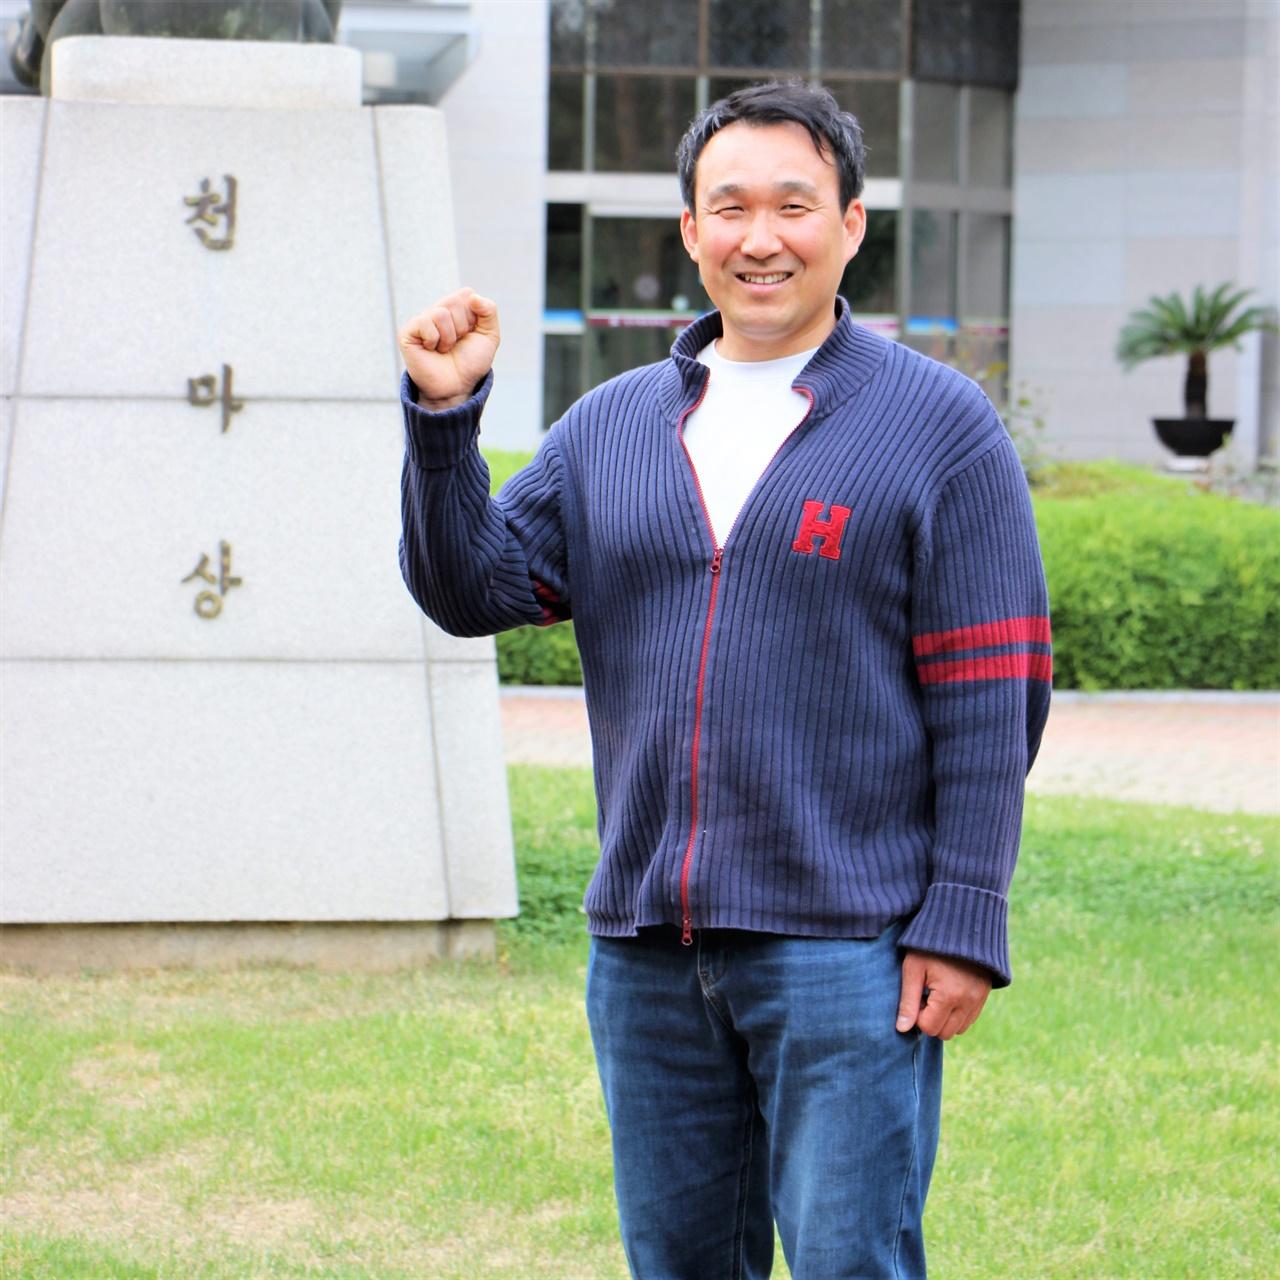 7일 강광배 교수가 한국체육대학교 교정에서 포즈를 잡고 있다.